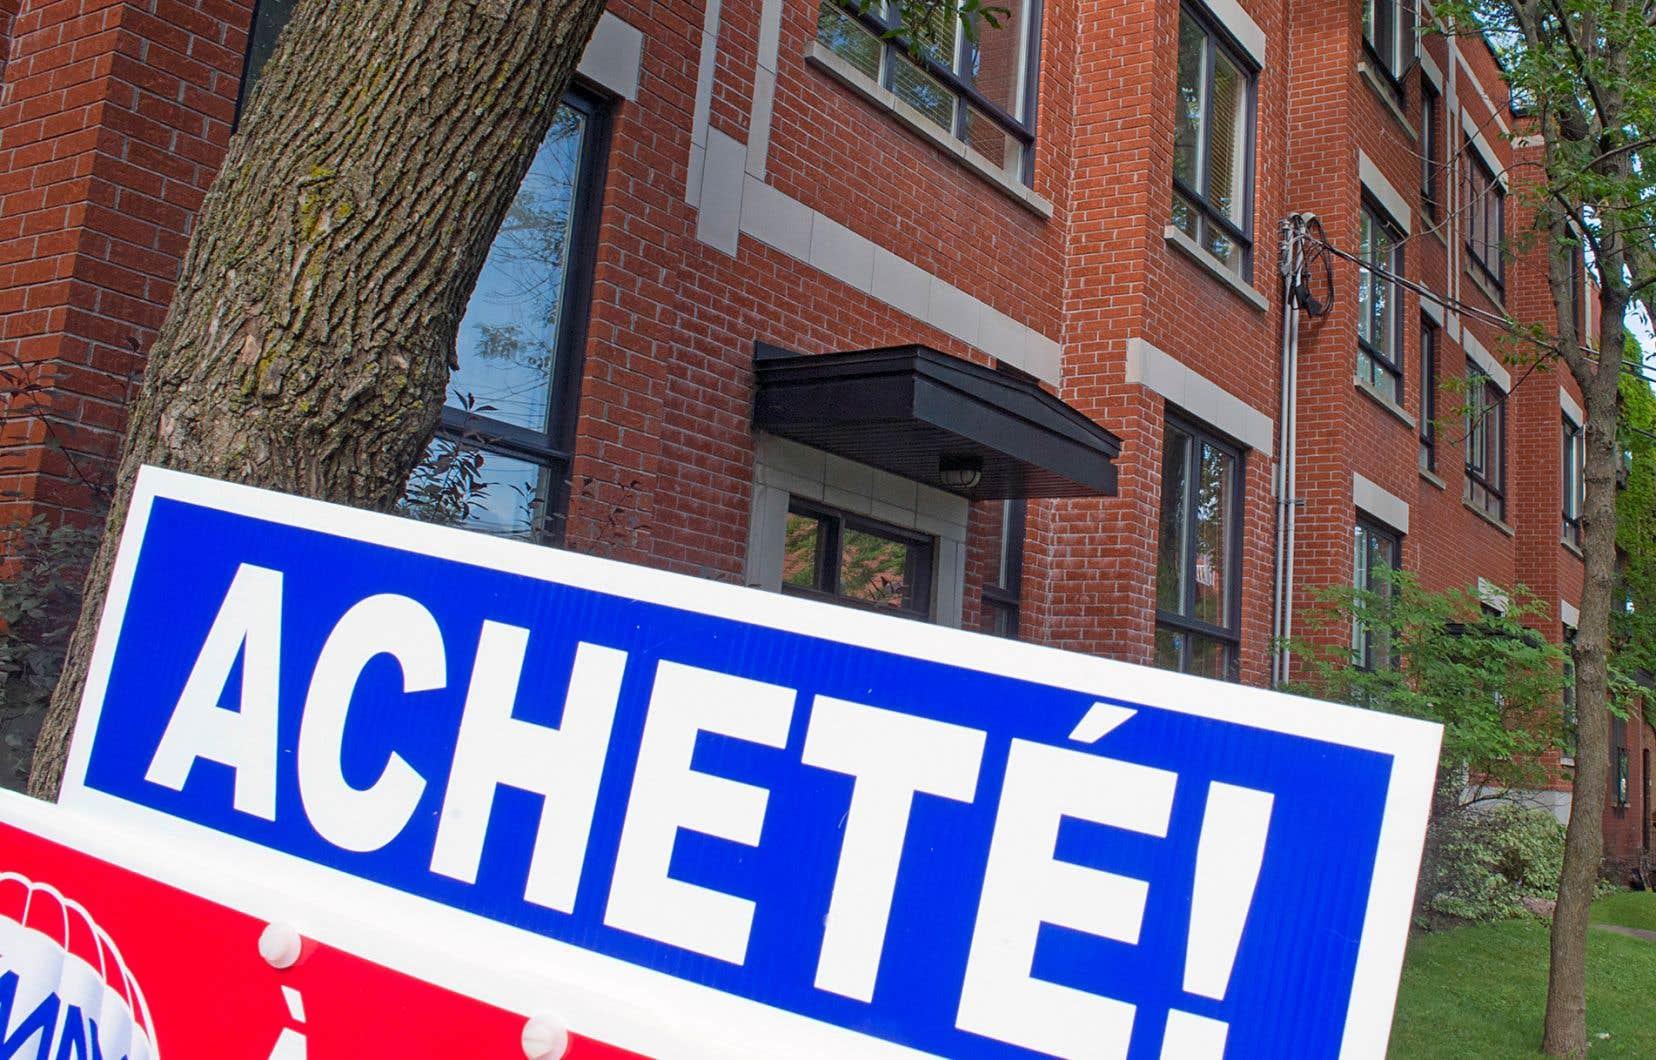 Les simulations de crise hypothécaires et les hausses des taux d'intérêt de la dernière année n'ont pas freiné le marché immobilier montréalais.